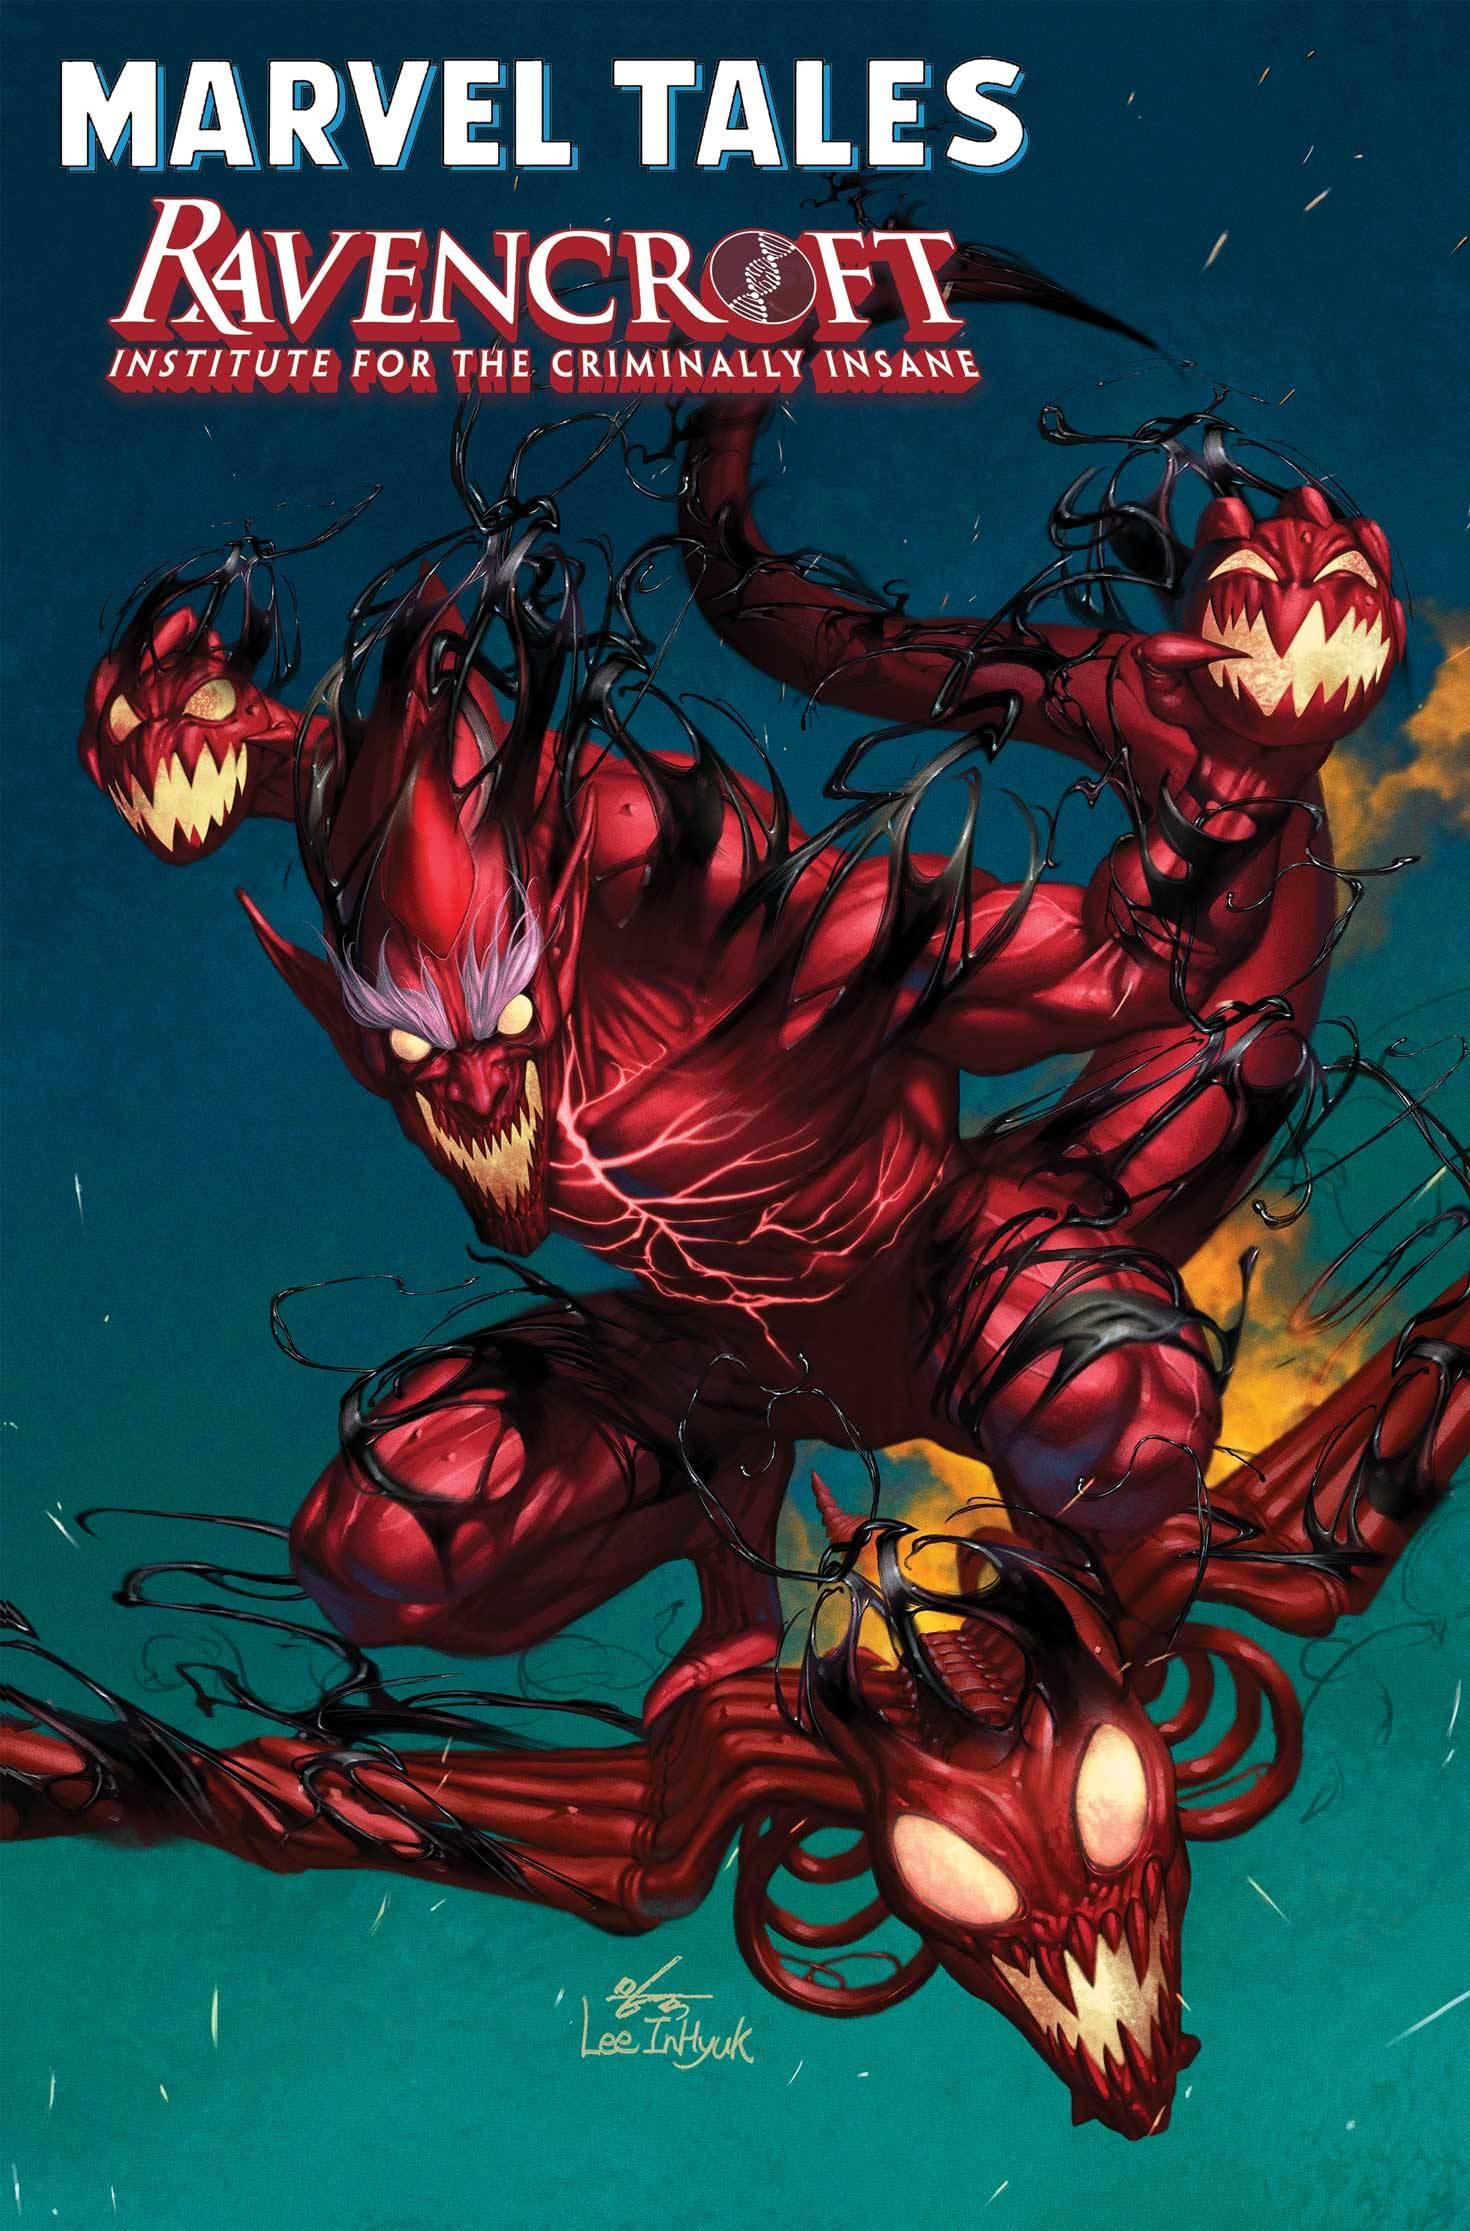 Marvel Tales: Ravencroft #1 (2020)